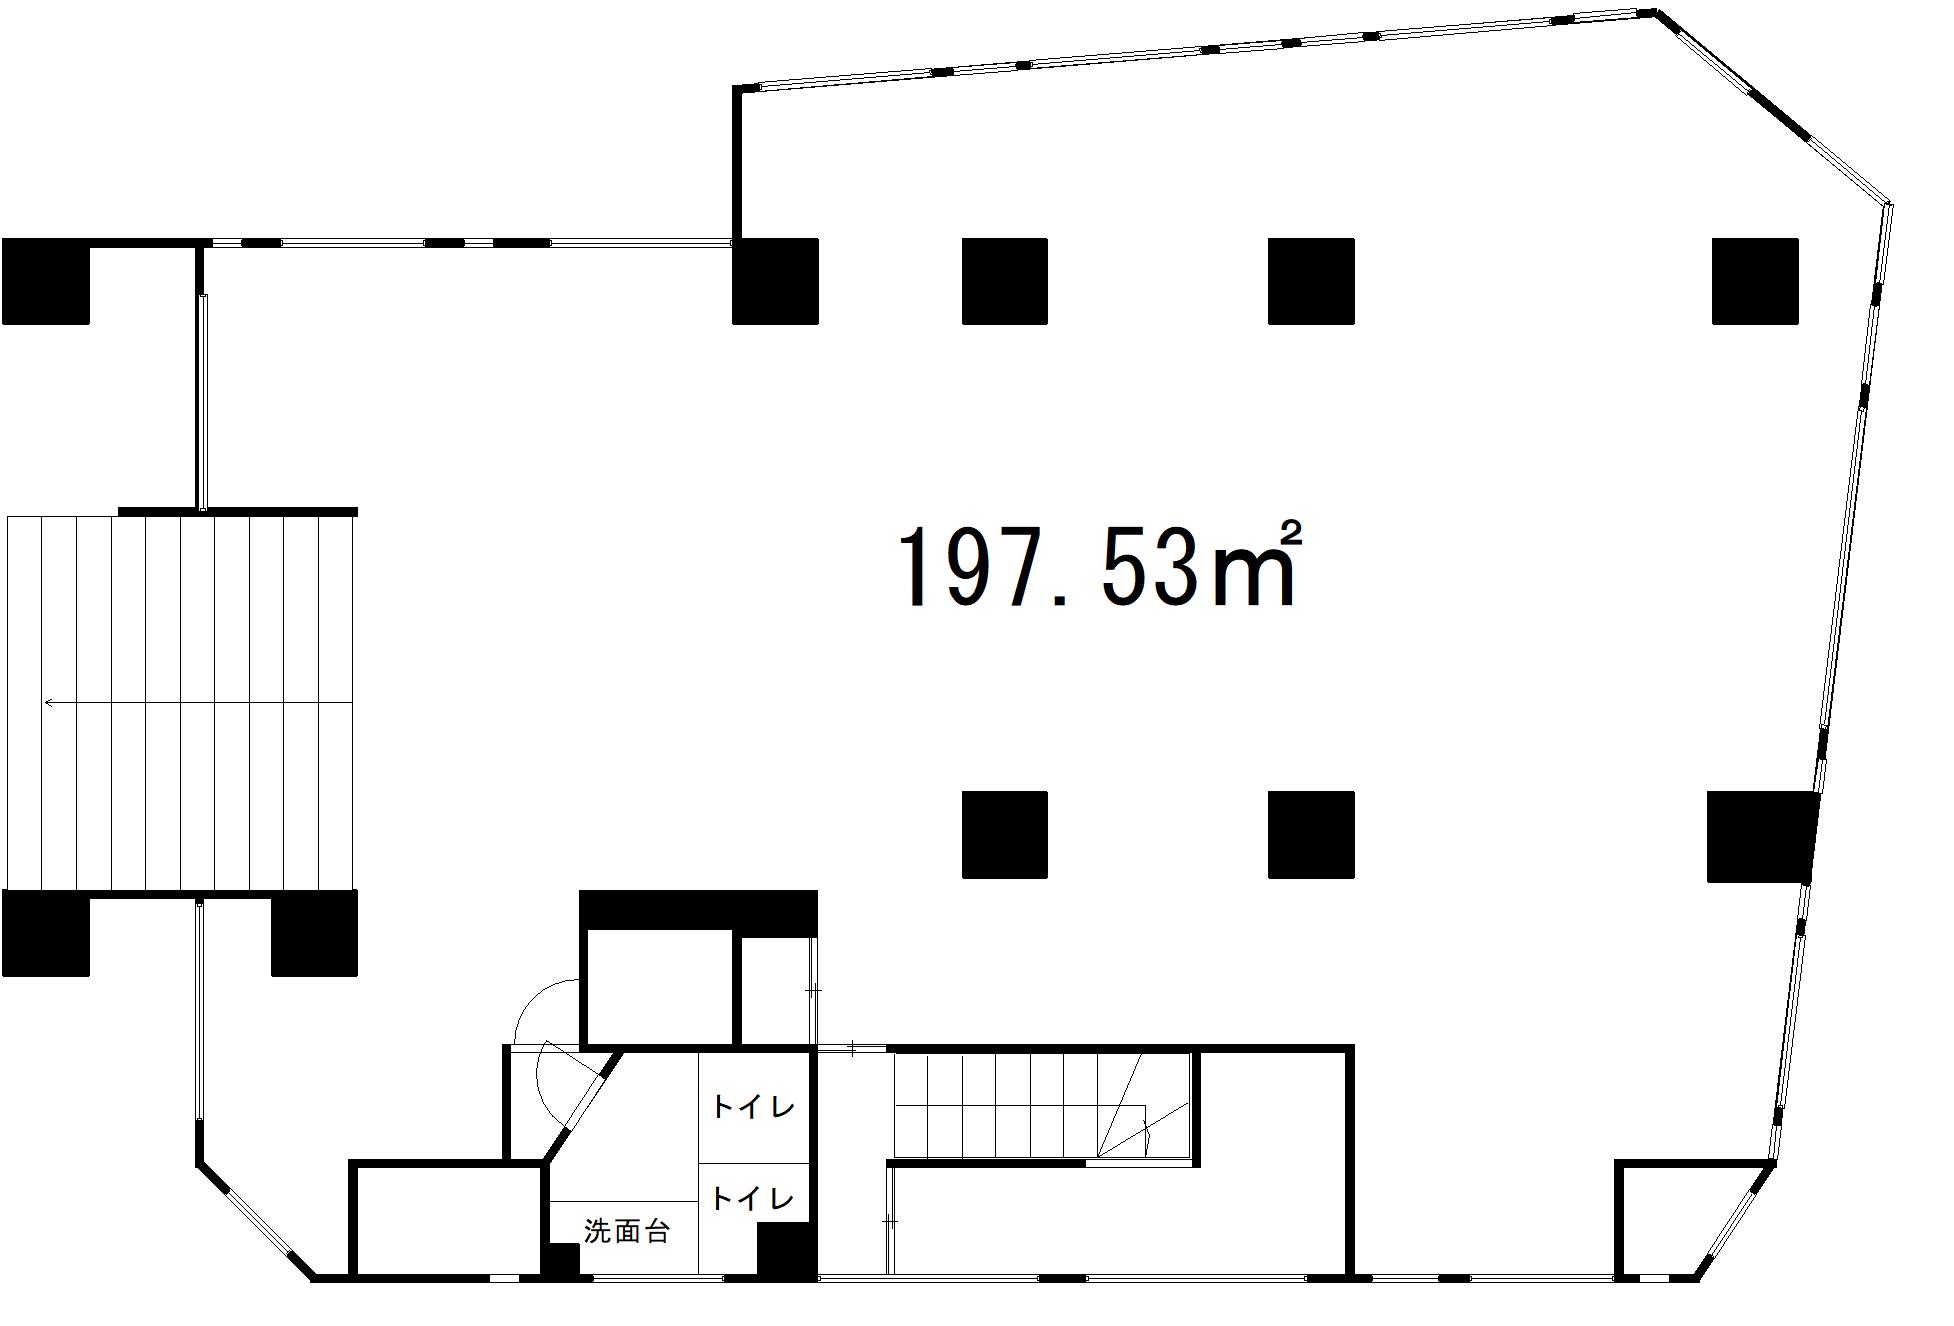 【☆売主物件☆】目黒区駒場1丁目 区分投資用マンション-間取り